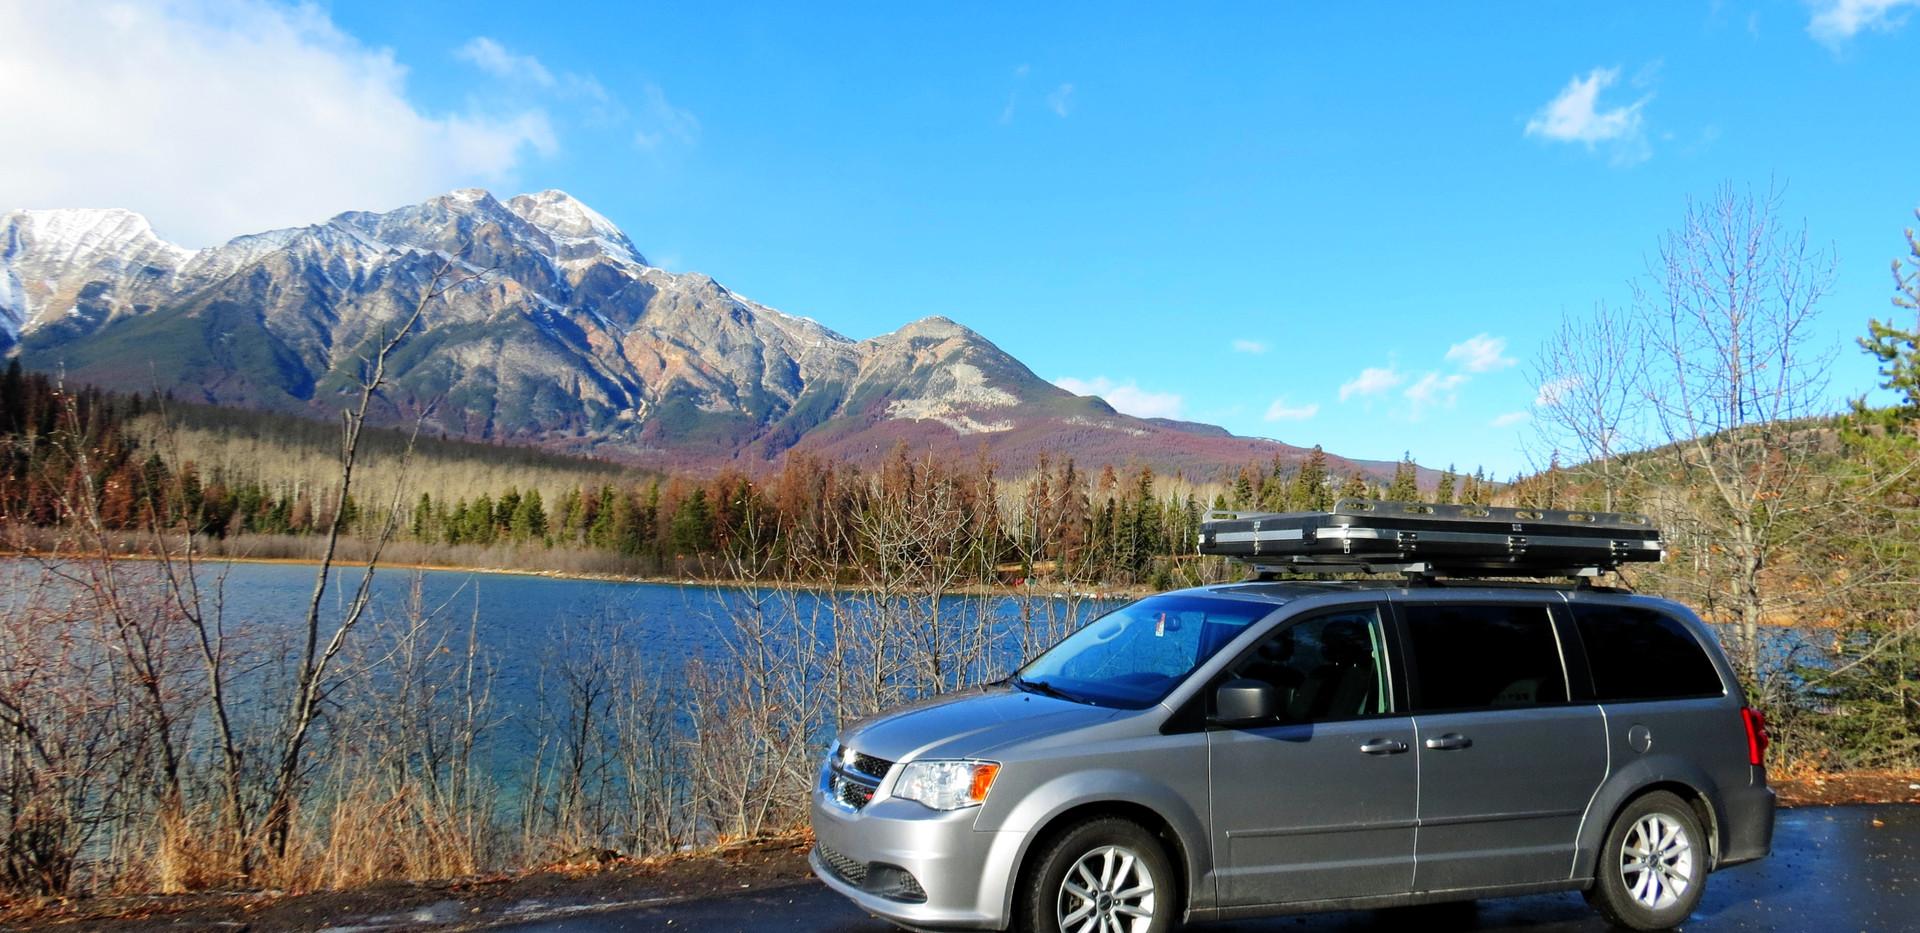 Camper Rental Calgary 1.jpg